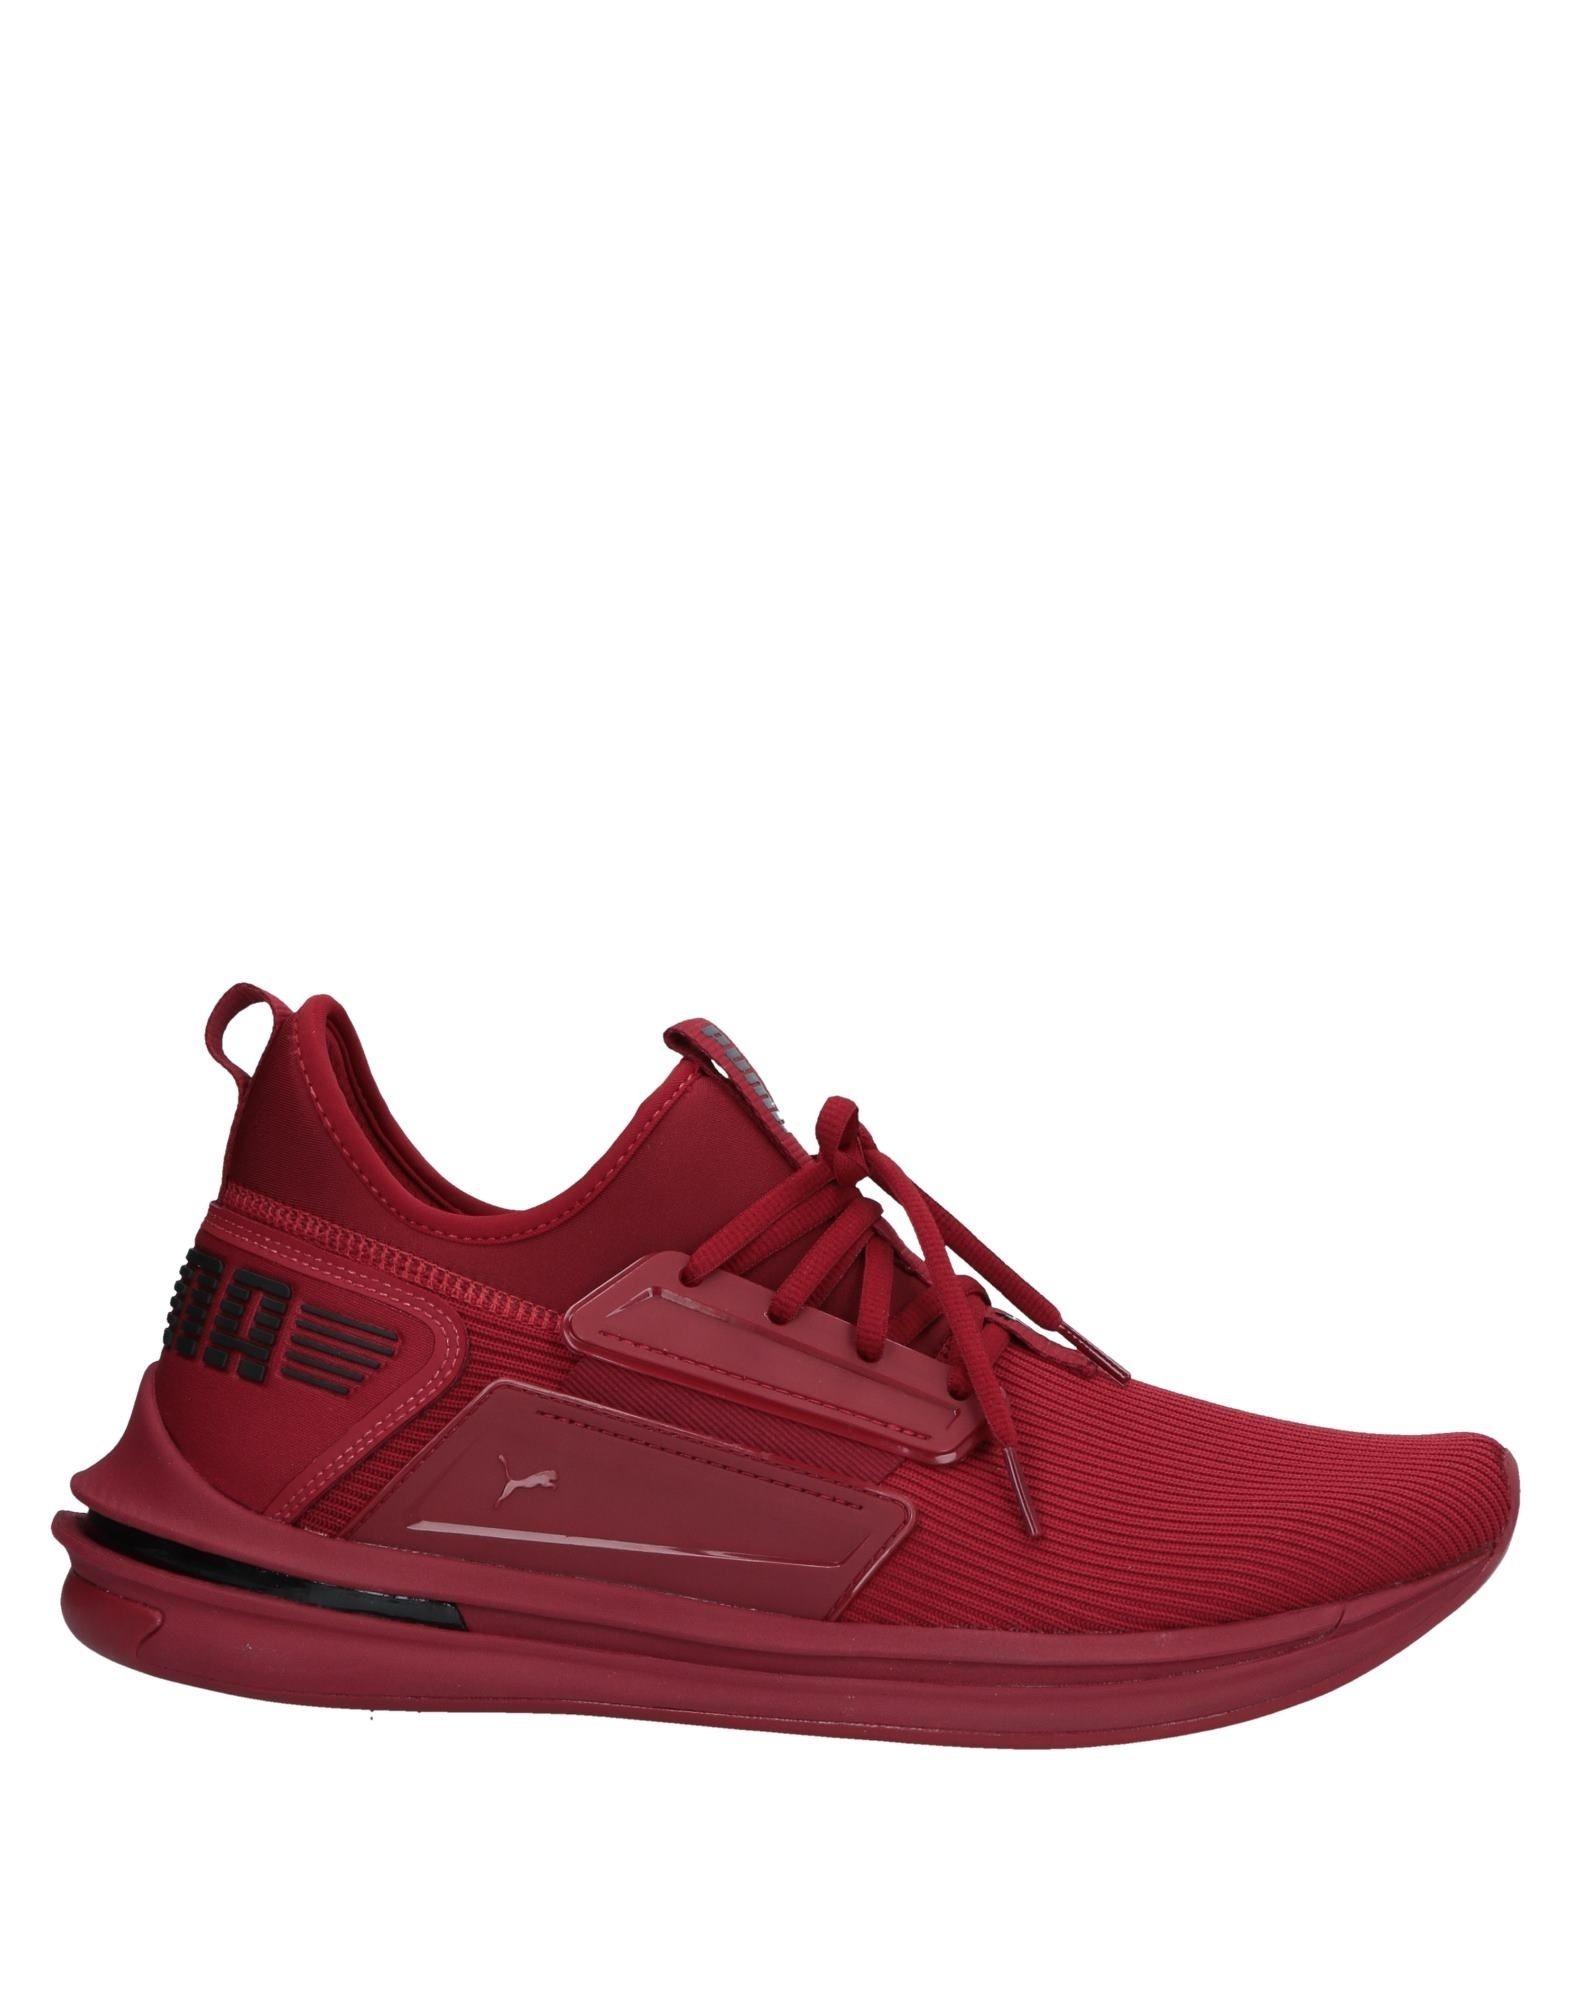 Rabatt Herren echte Schuhe Puma Sneakers Herren Rabatt  11559137PX 16f2a2